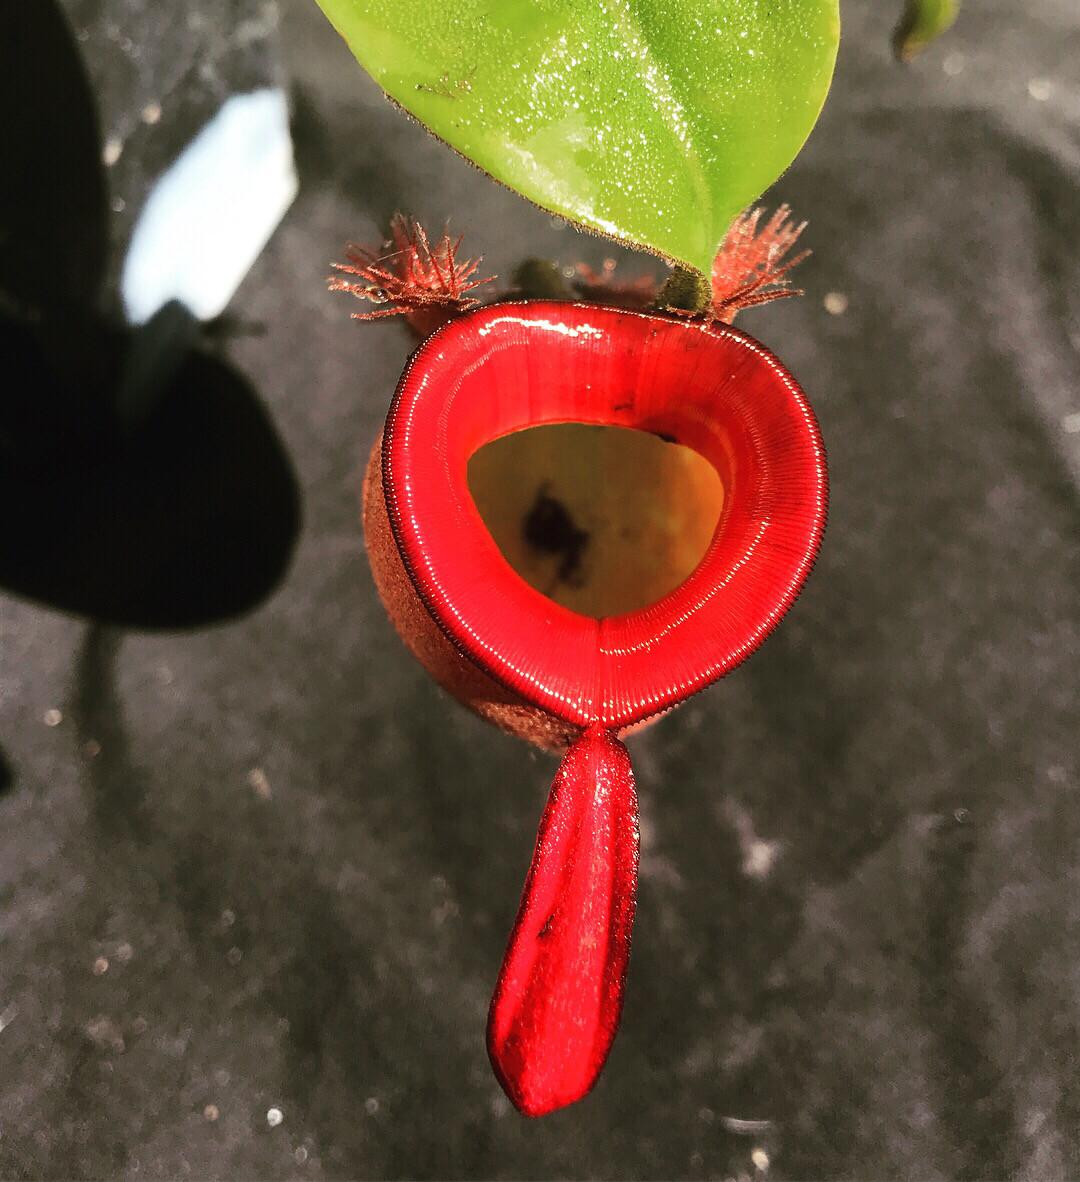 Nepenthes ampullaria  'Williams Re